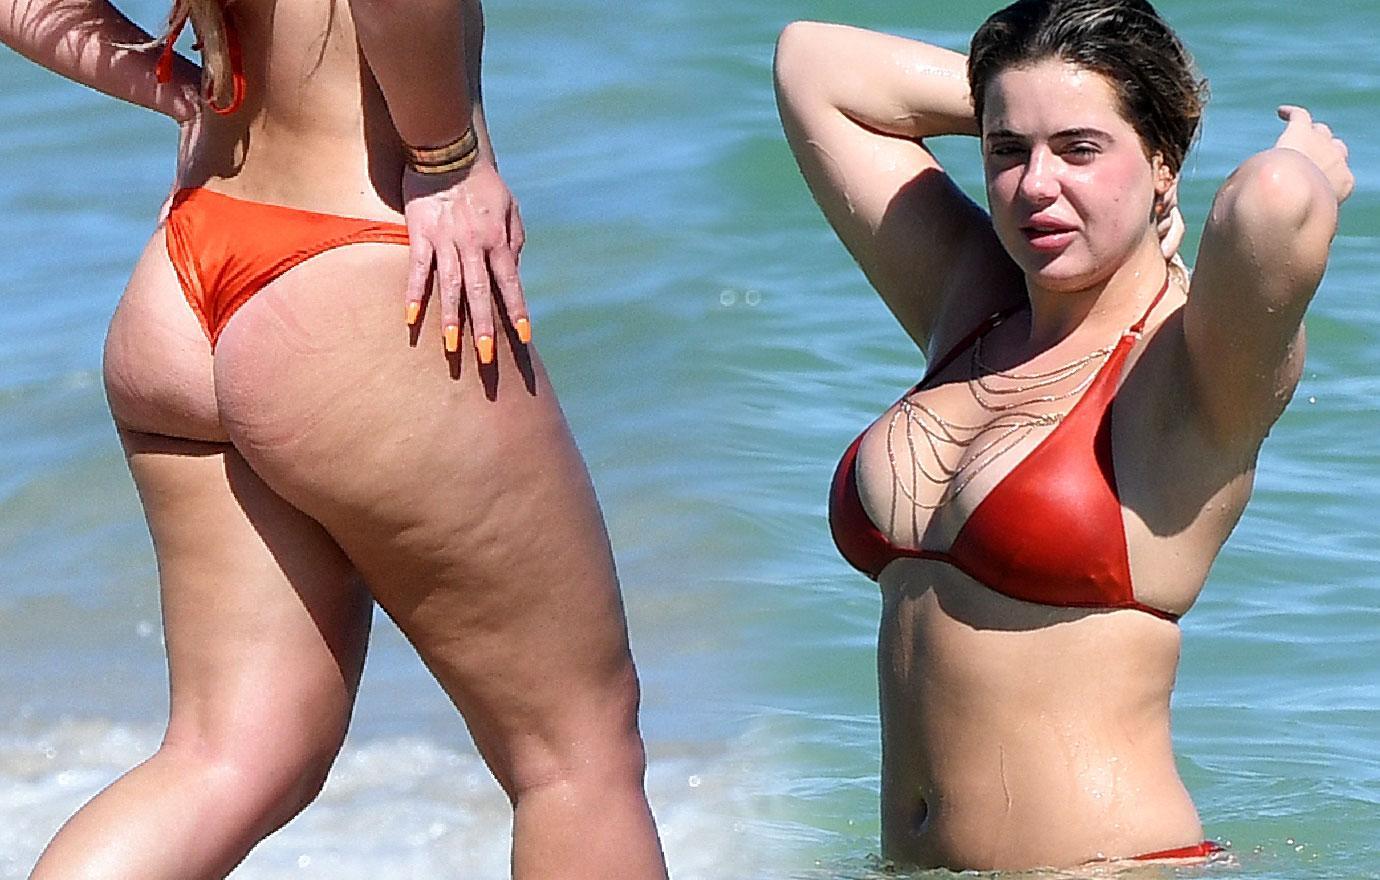 Brielle Biermann Bikini Body Kisses Boyfriend